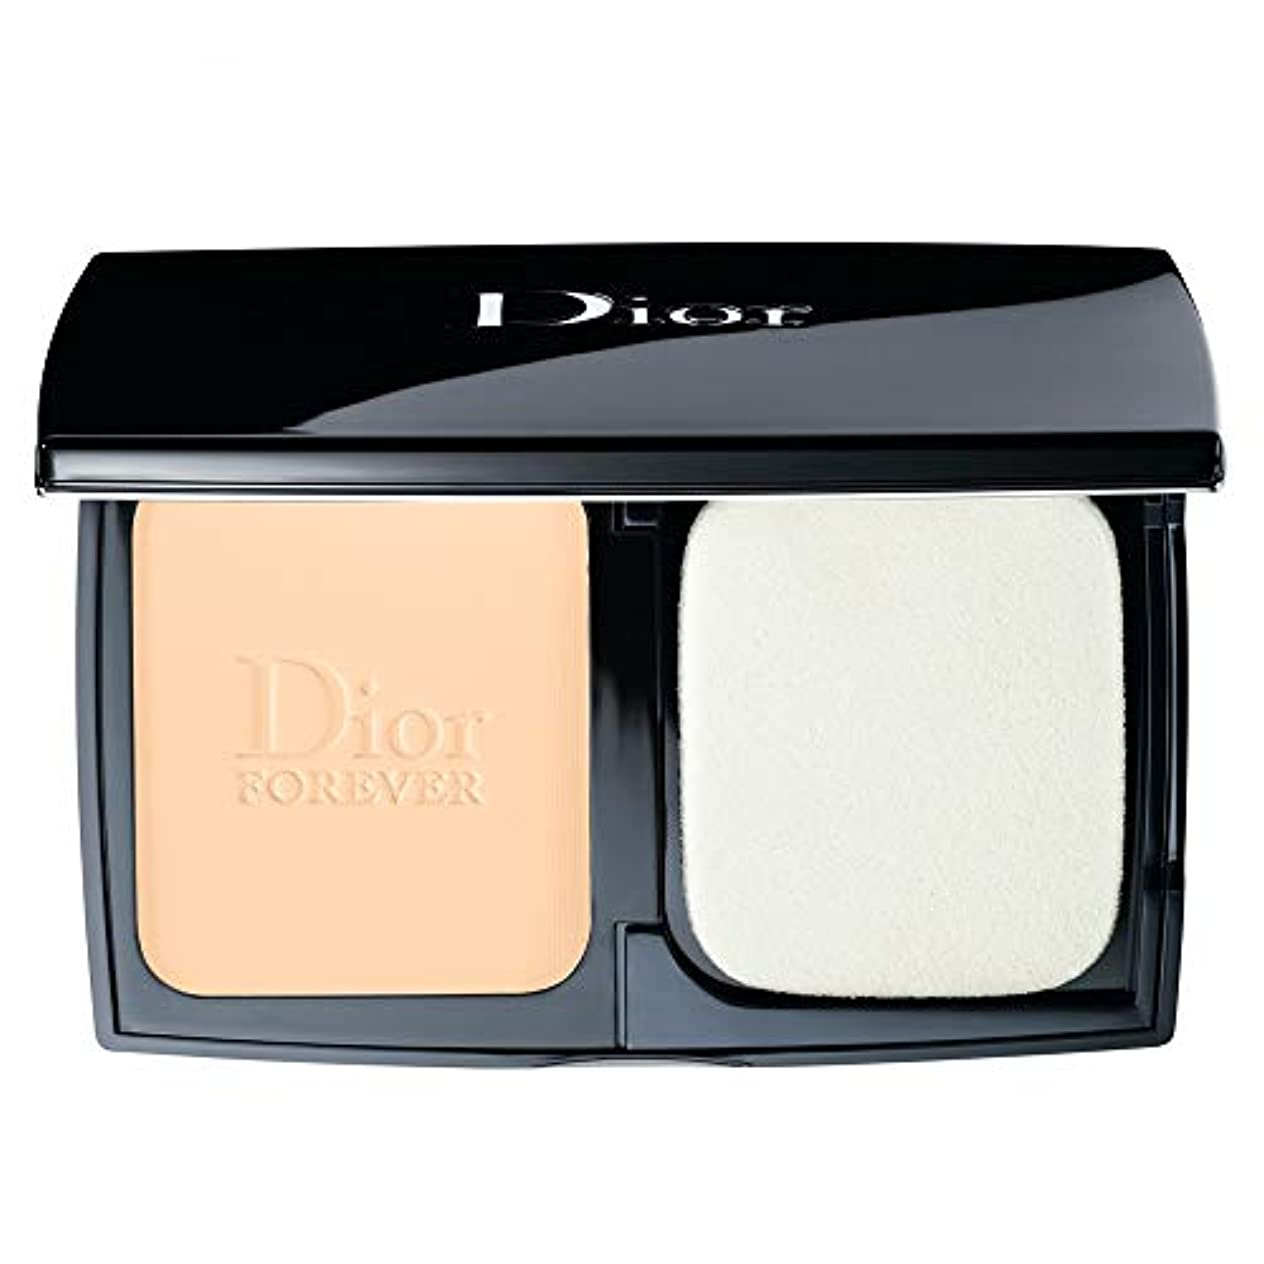 うるさい凝視アウタークリスチャンディオール Diorskin Forever Extreme Control Perfect Matte Powder Makeup SPF 20 - # 010 Ivory 9g/0.31oz並行輸入品